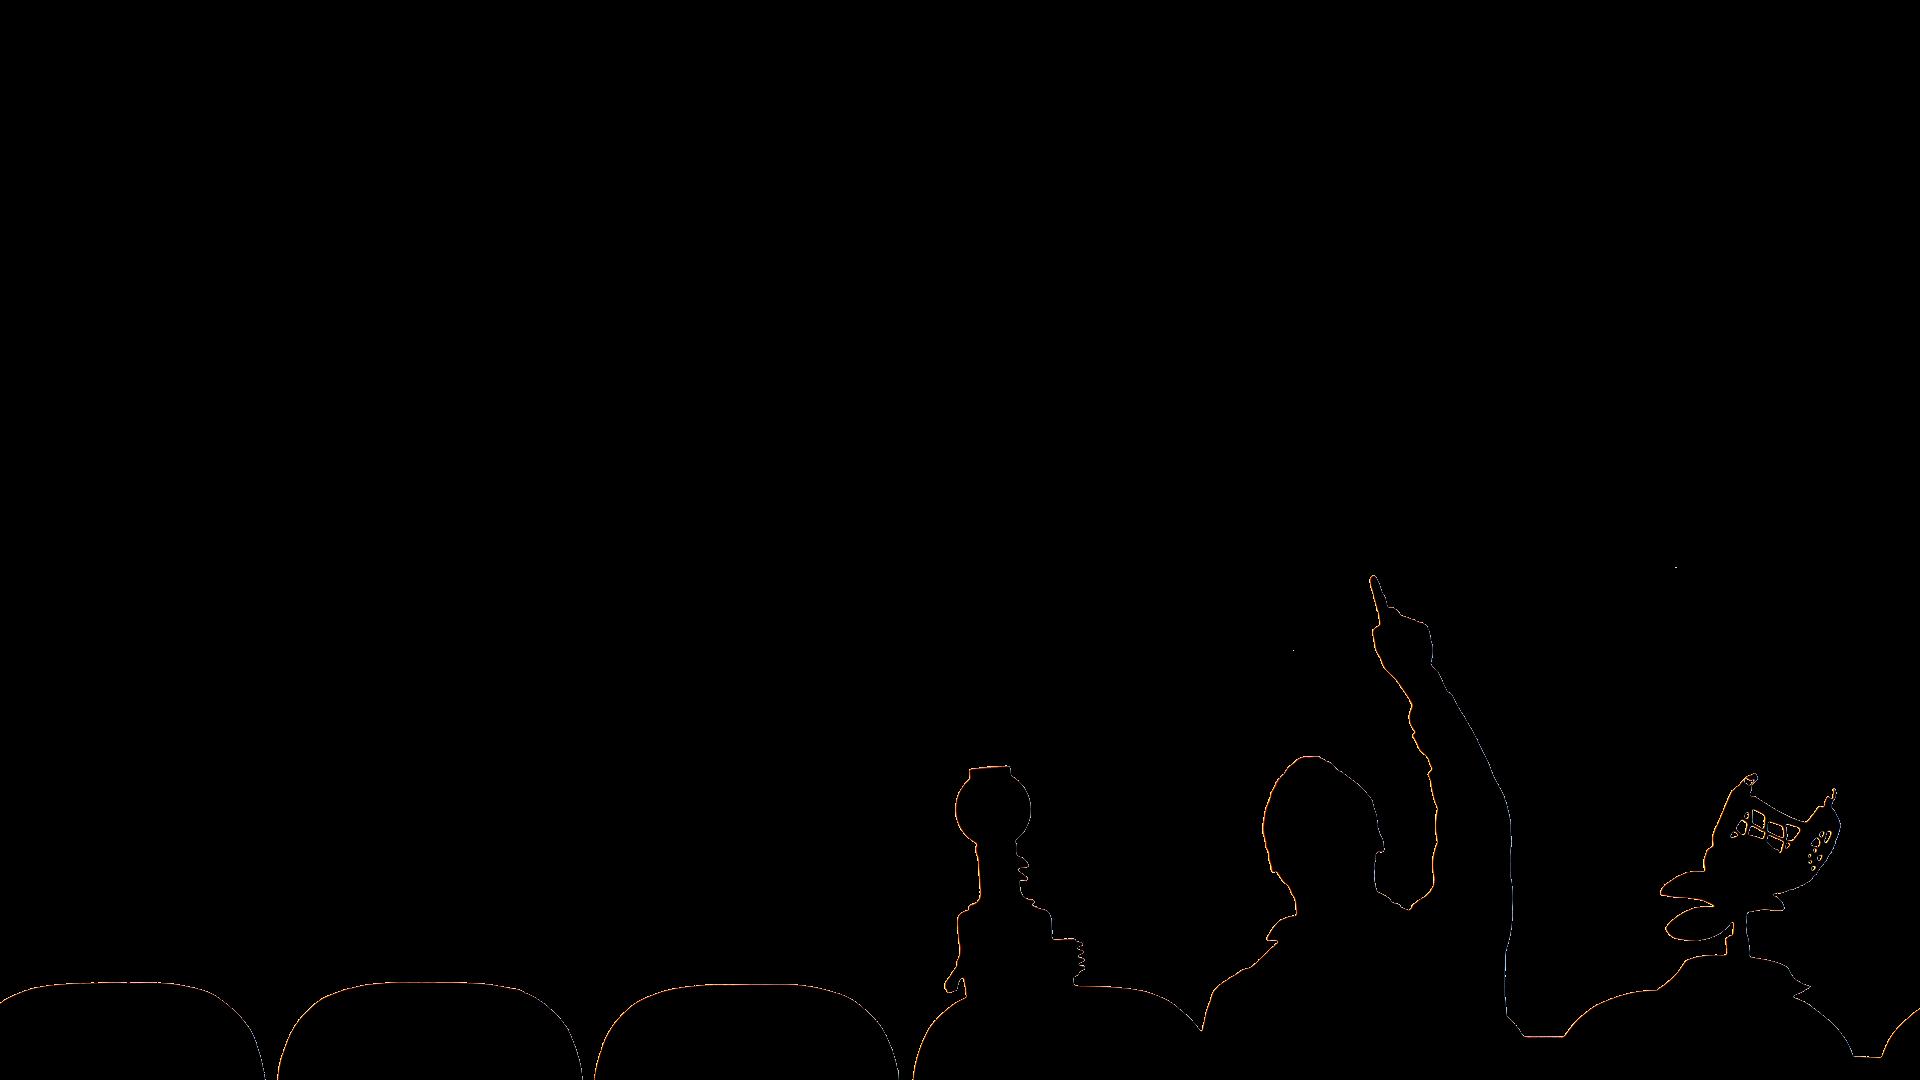 Mst3k Silhouette Mst3k Base By Sbloom85 On Deviantart Mystery